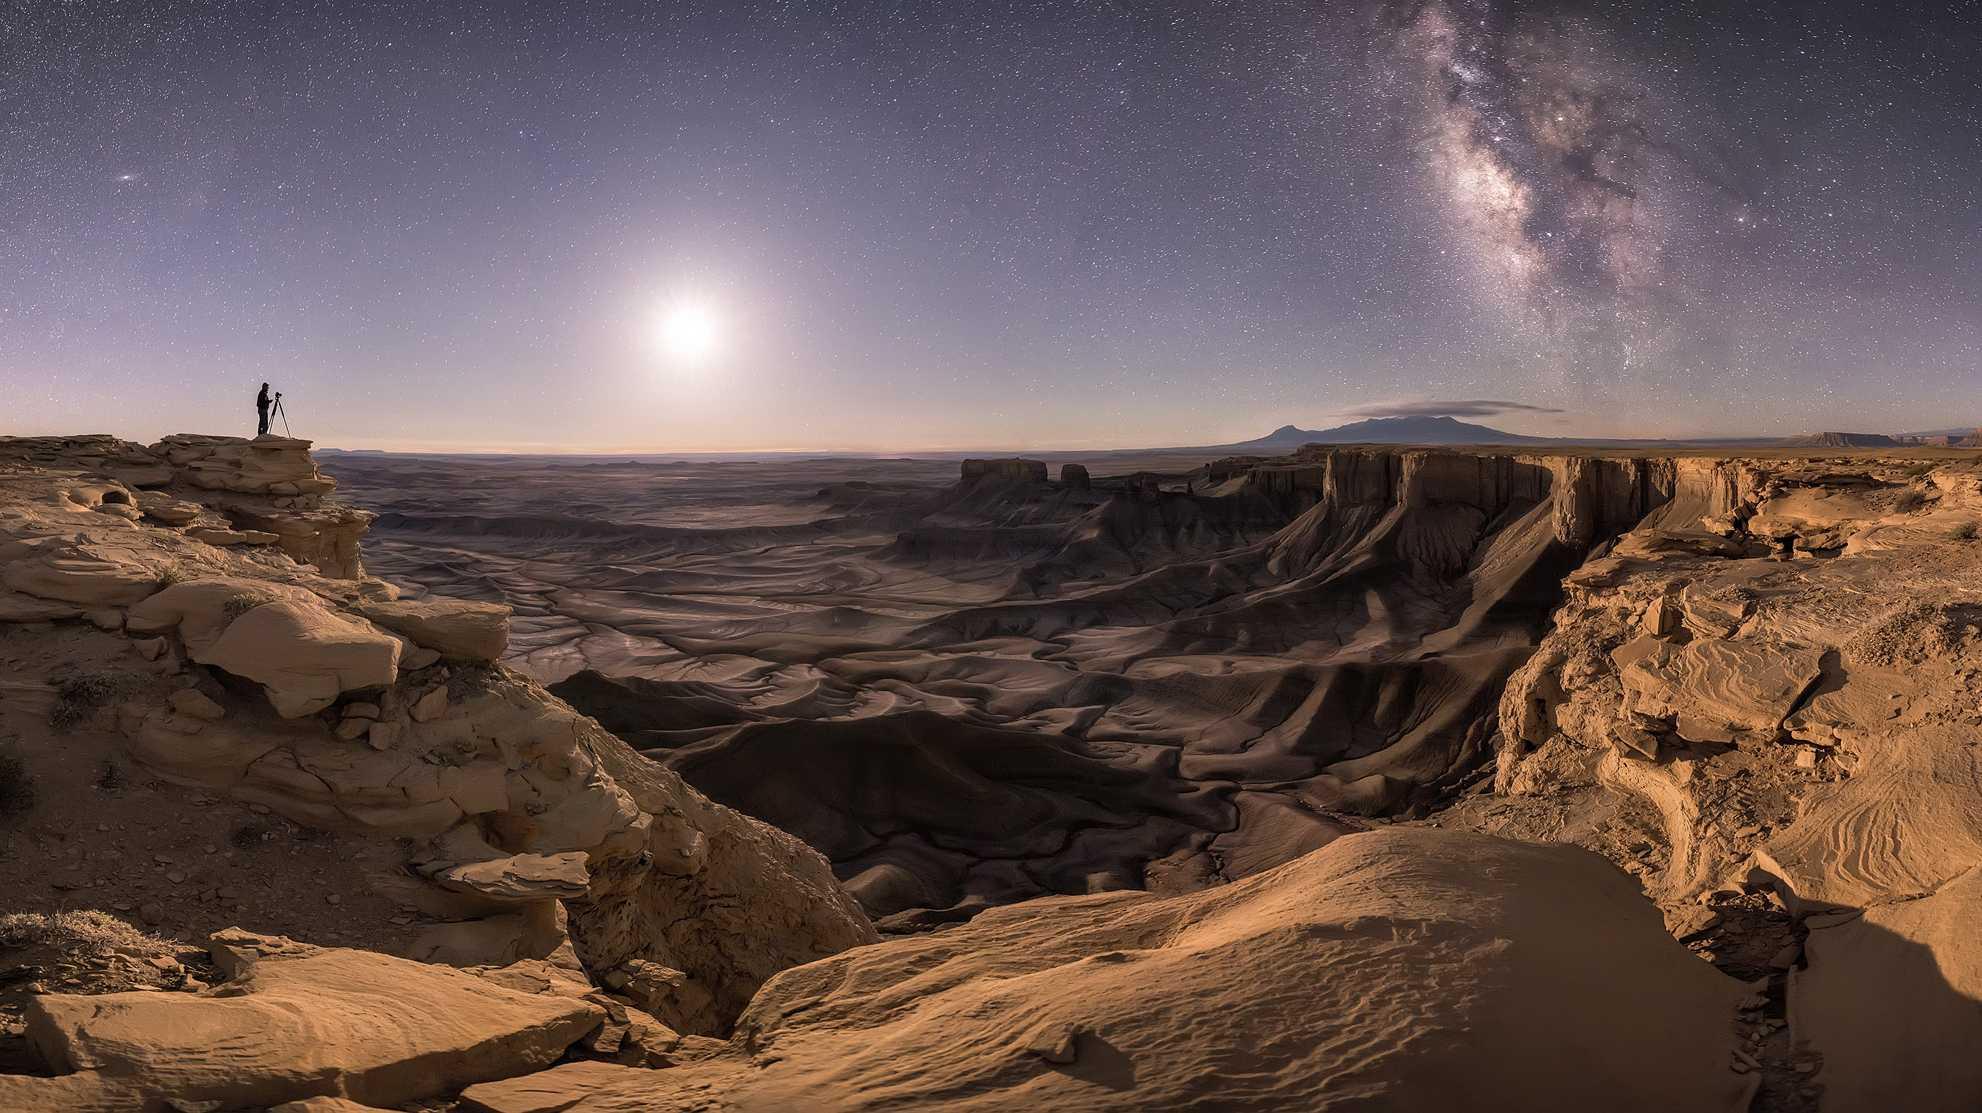 Astro-Fotograf 2018 gekürt: Andromeda und die Milchstraße über der Wüste